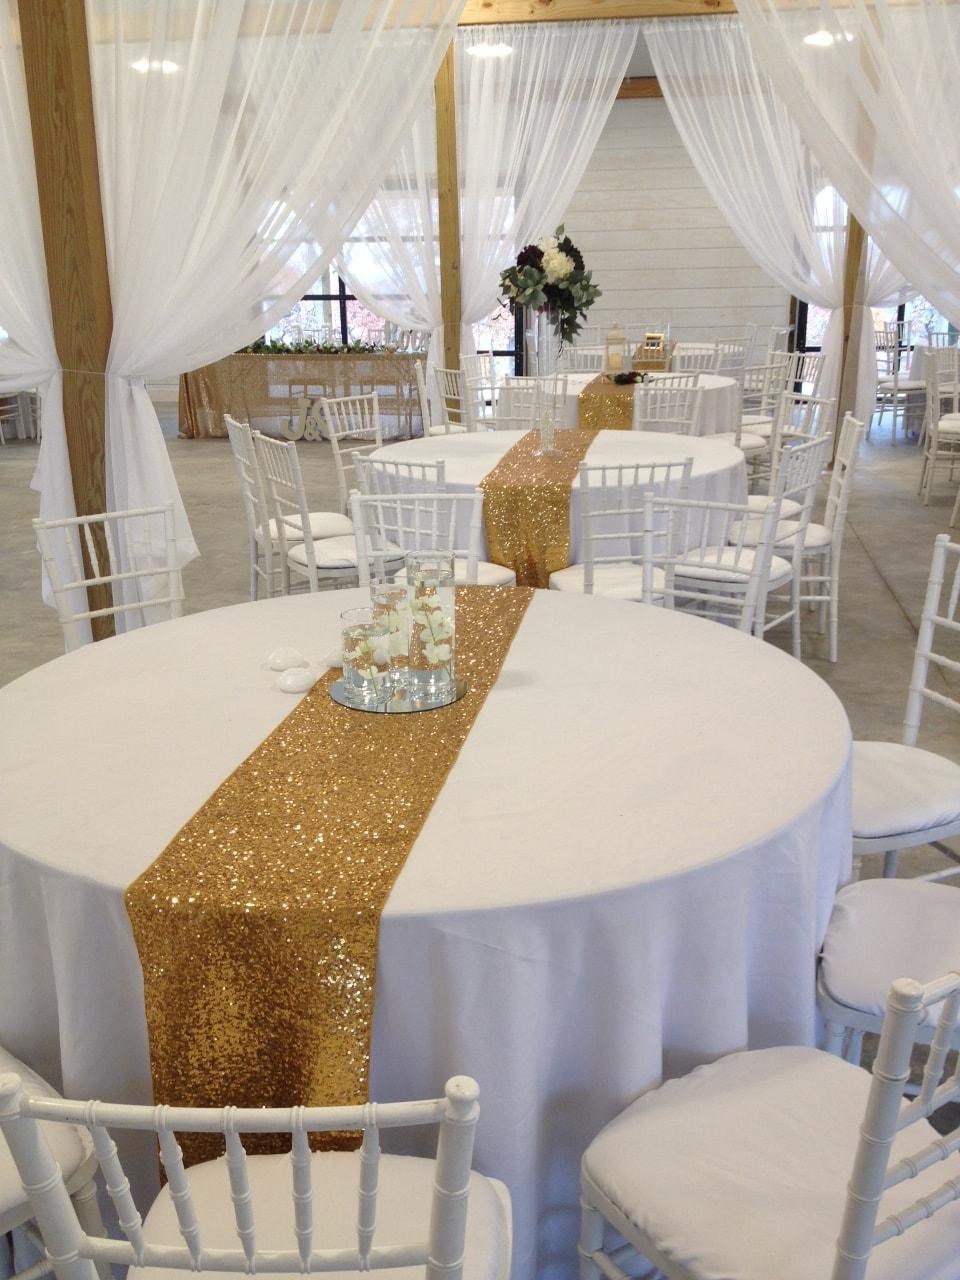 Harwood Mefford Wedding Dream Point Ranch Tulsa Wedding Venue 13-min.JPG